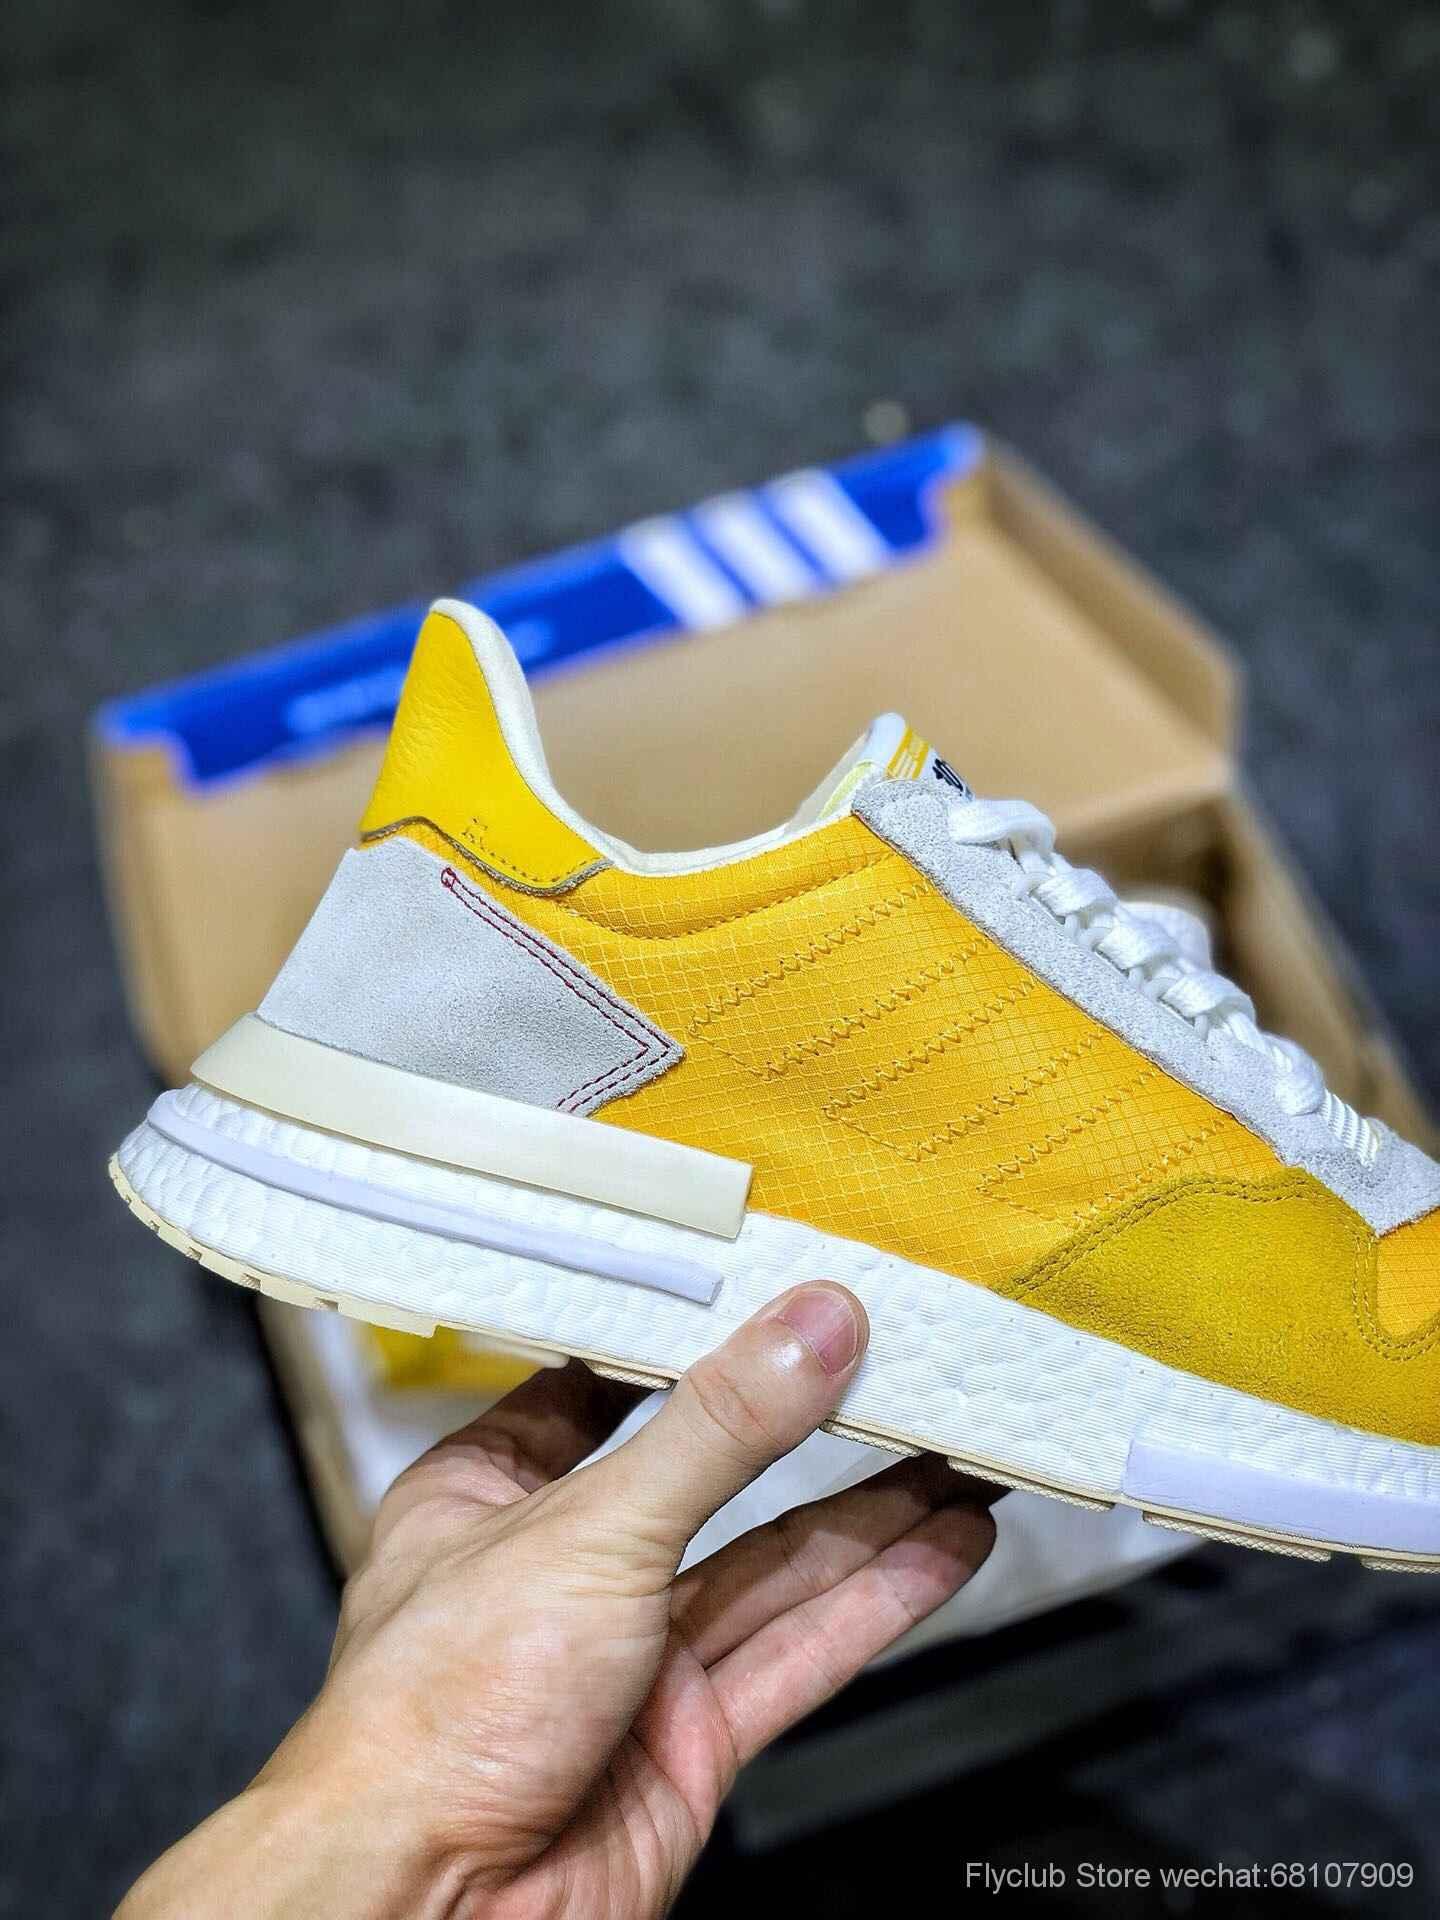 三叶草新品Adidas ZX500 RM Boost adidas Originals 经典跑鞋,醒目的骚黄配色 CG6860